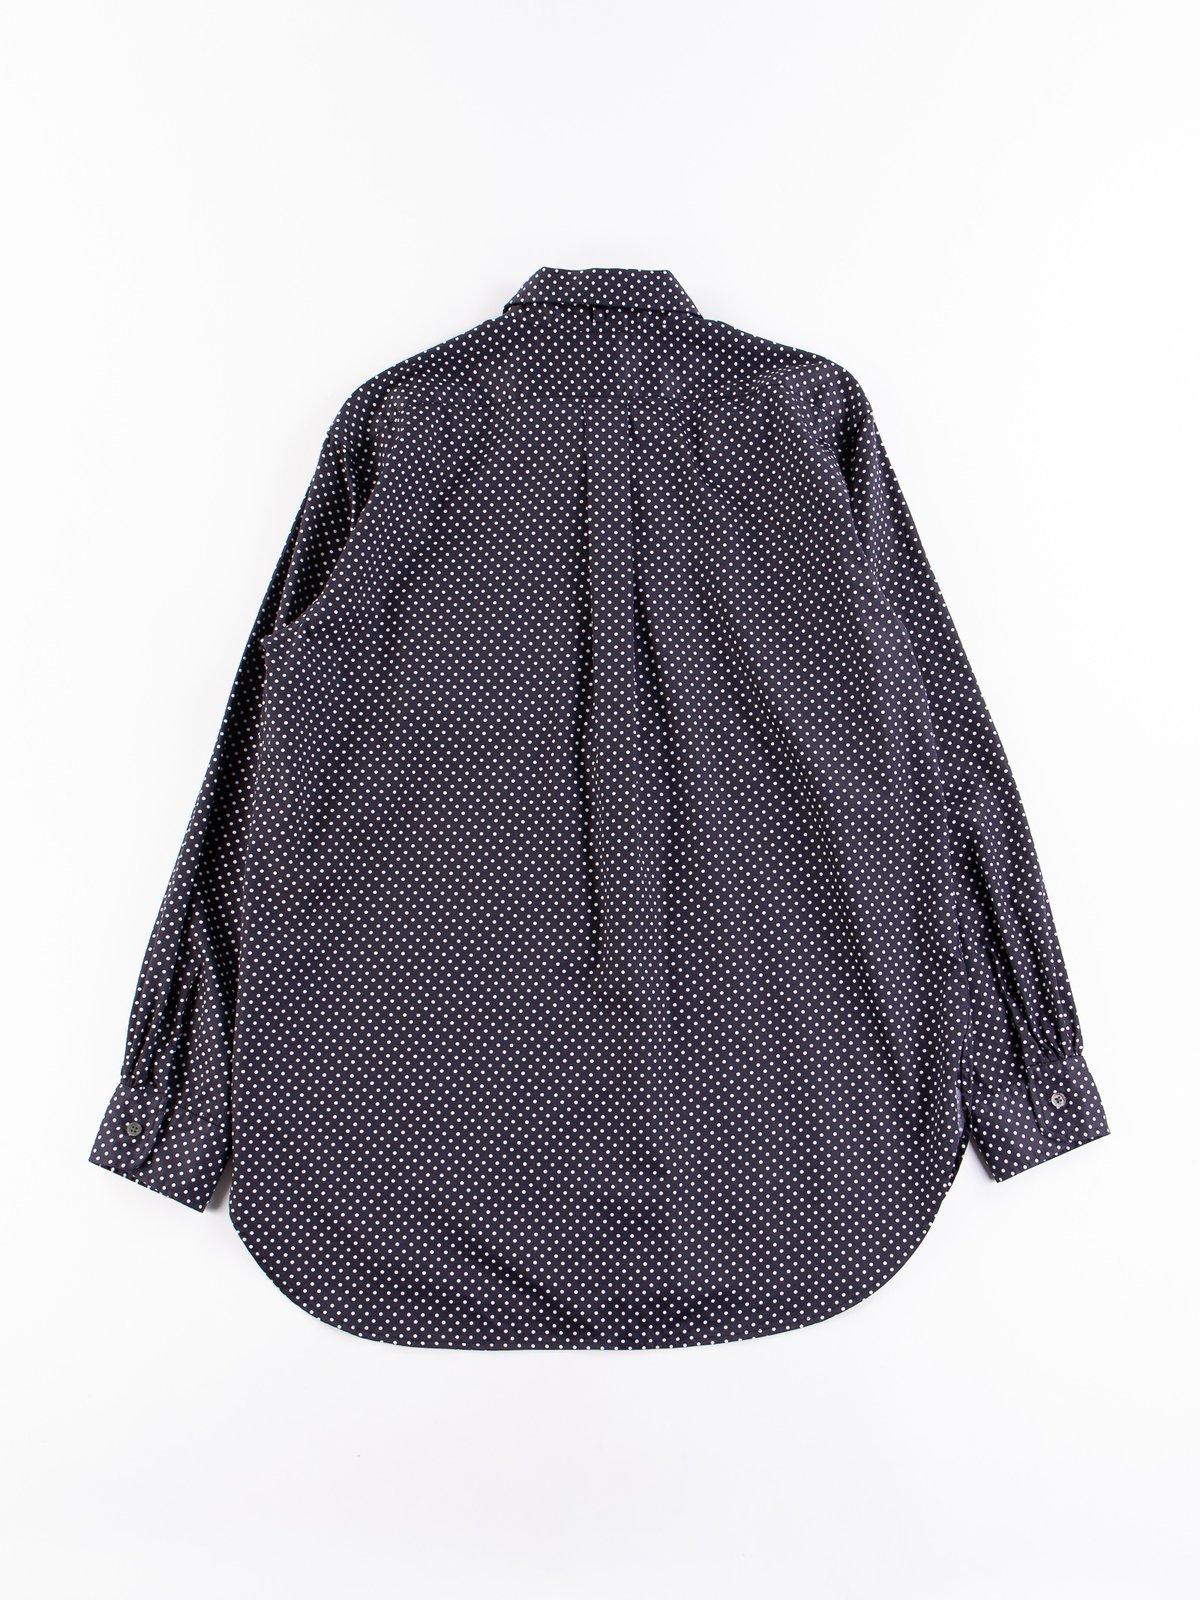 Navy Cotton Big Polka Dot Broadcloth Rounded Collar Shirt - Image 5